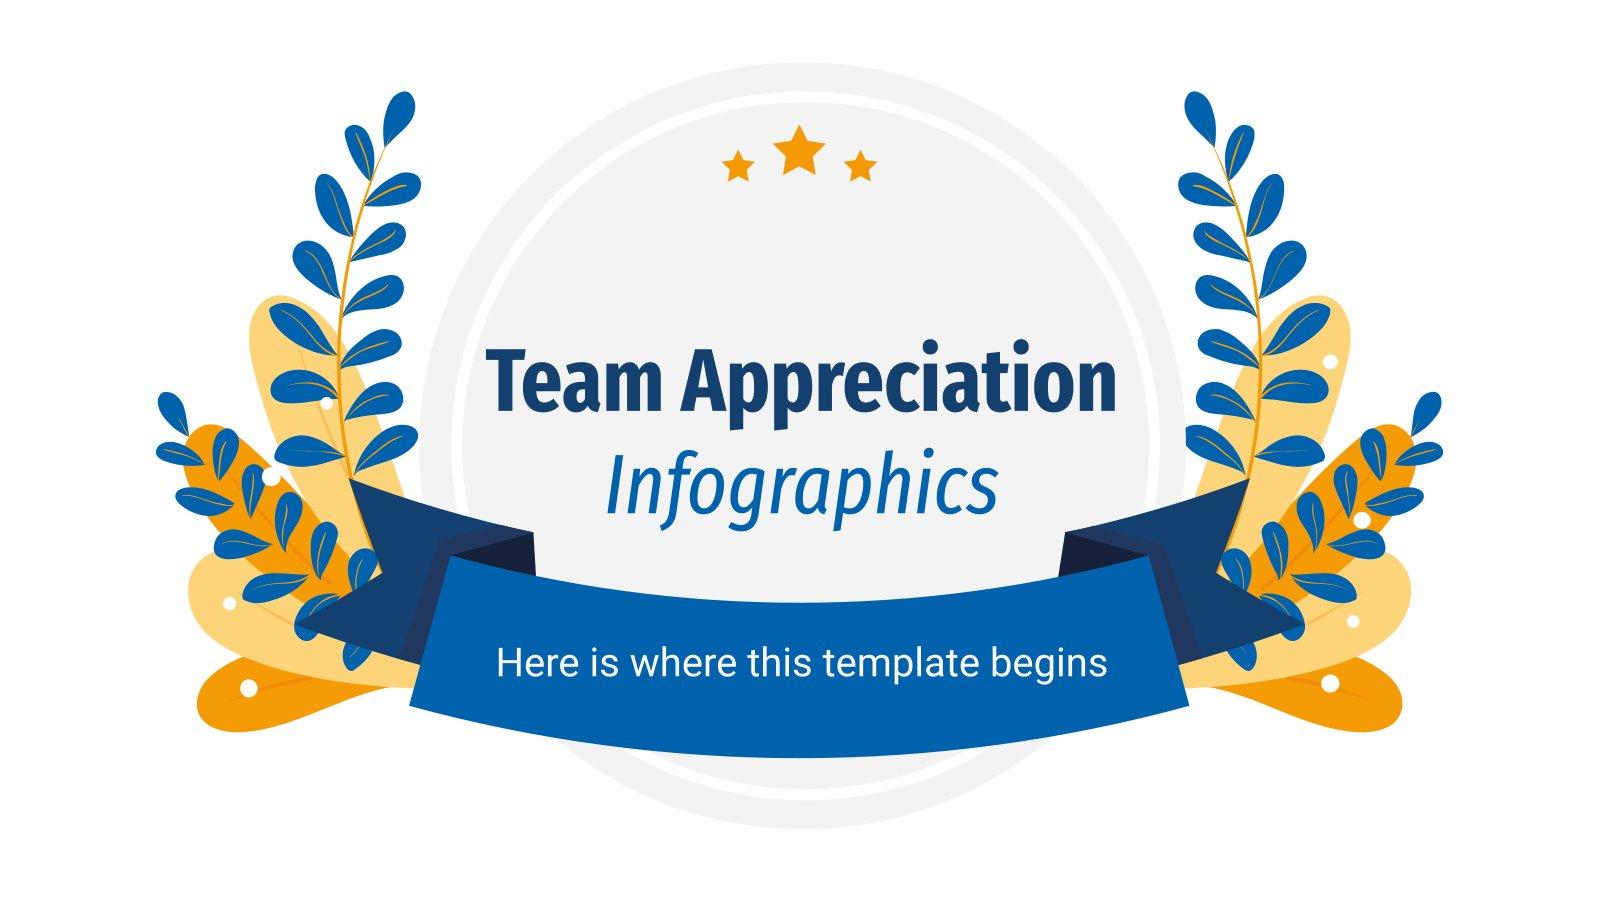 Plantilla de presentación Infografías de agradecimiento al equipo